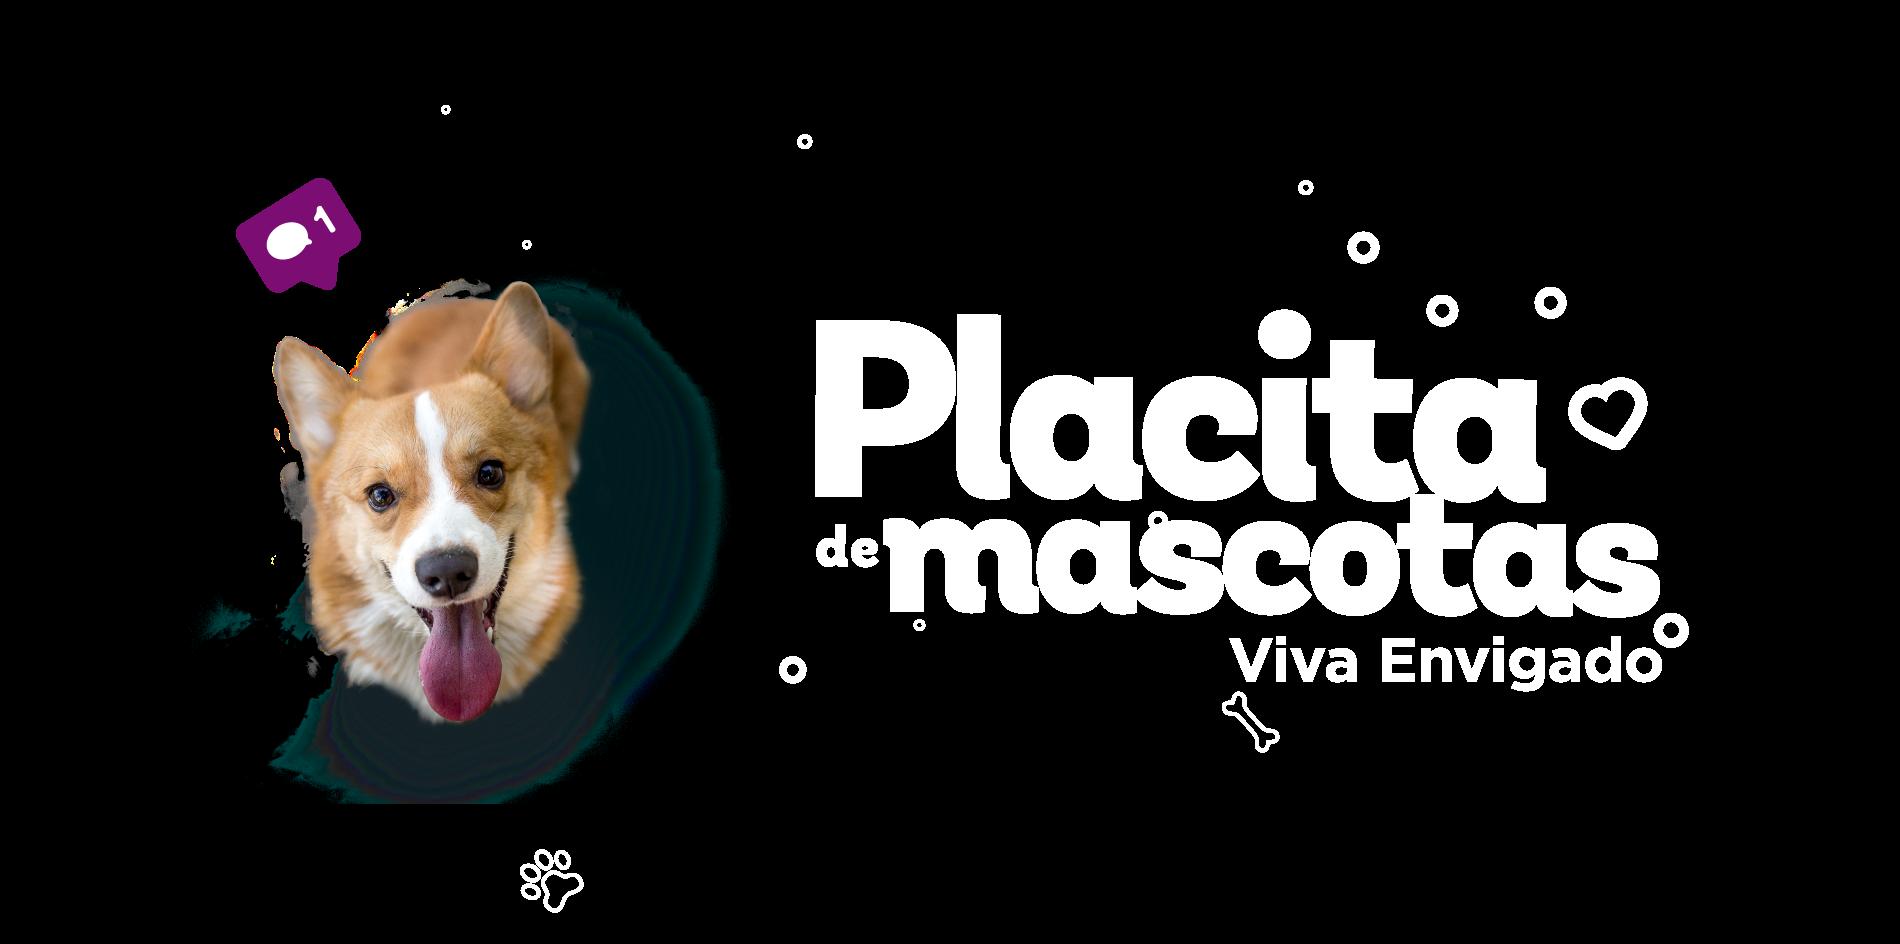 Placita de mascotas - Envigado